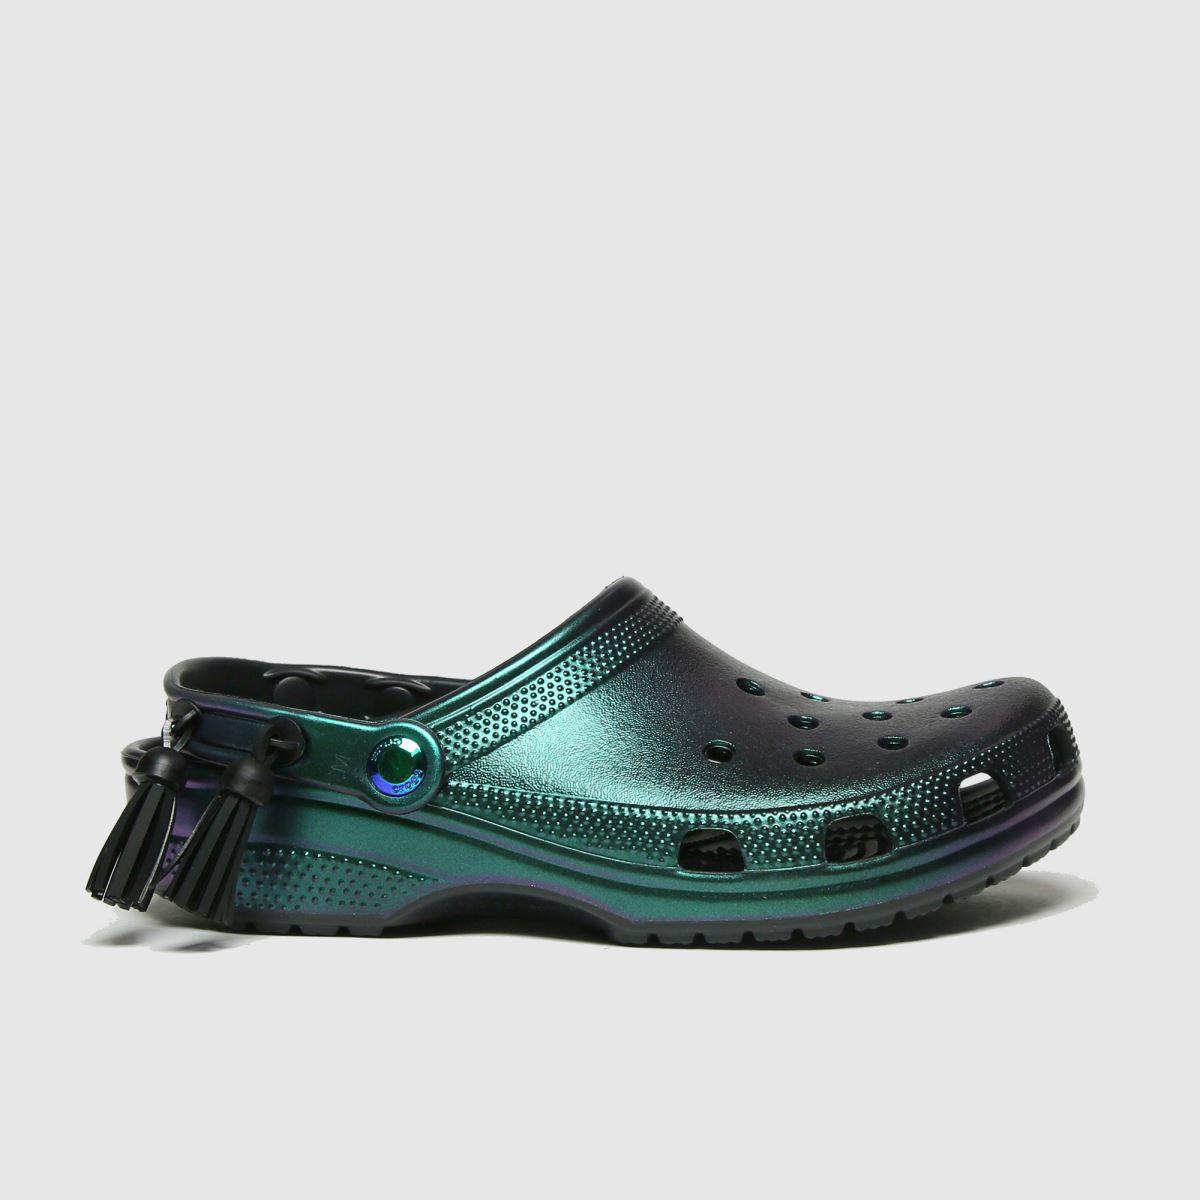 Crocs Crocs Purple Festival Classic Clog Sandals